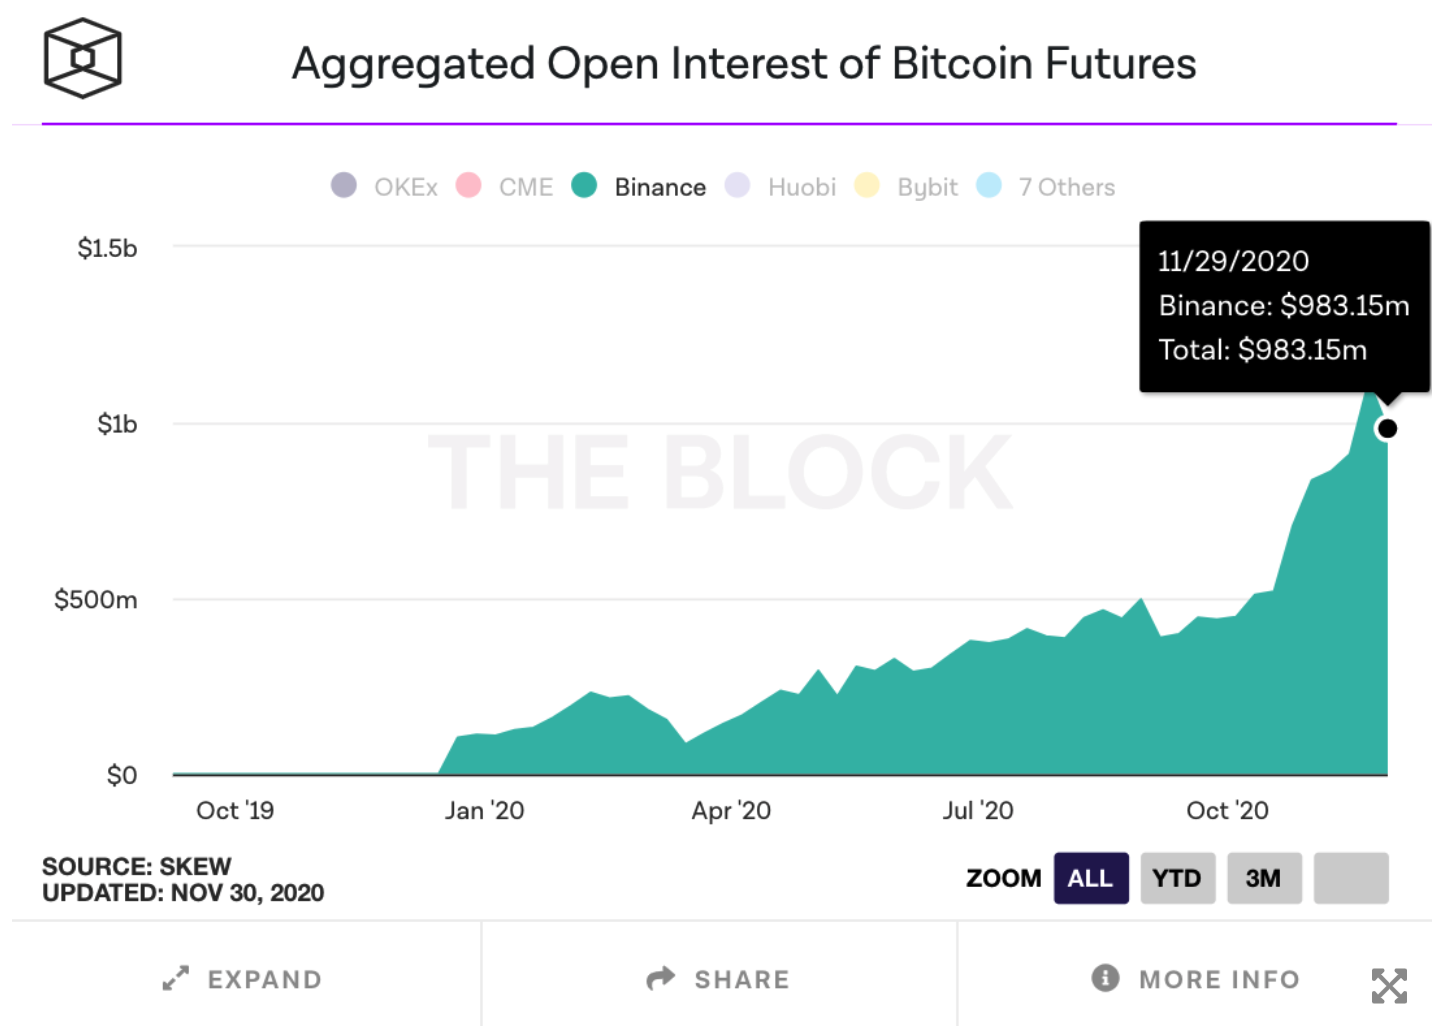 hợp đồng mở đối với hợp đồng tương lai bitcoin của Binance